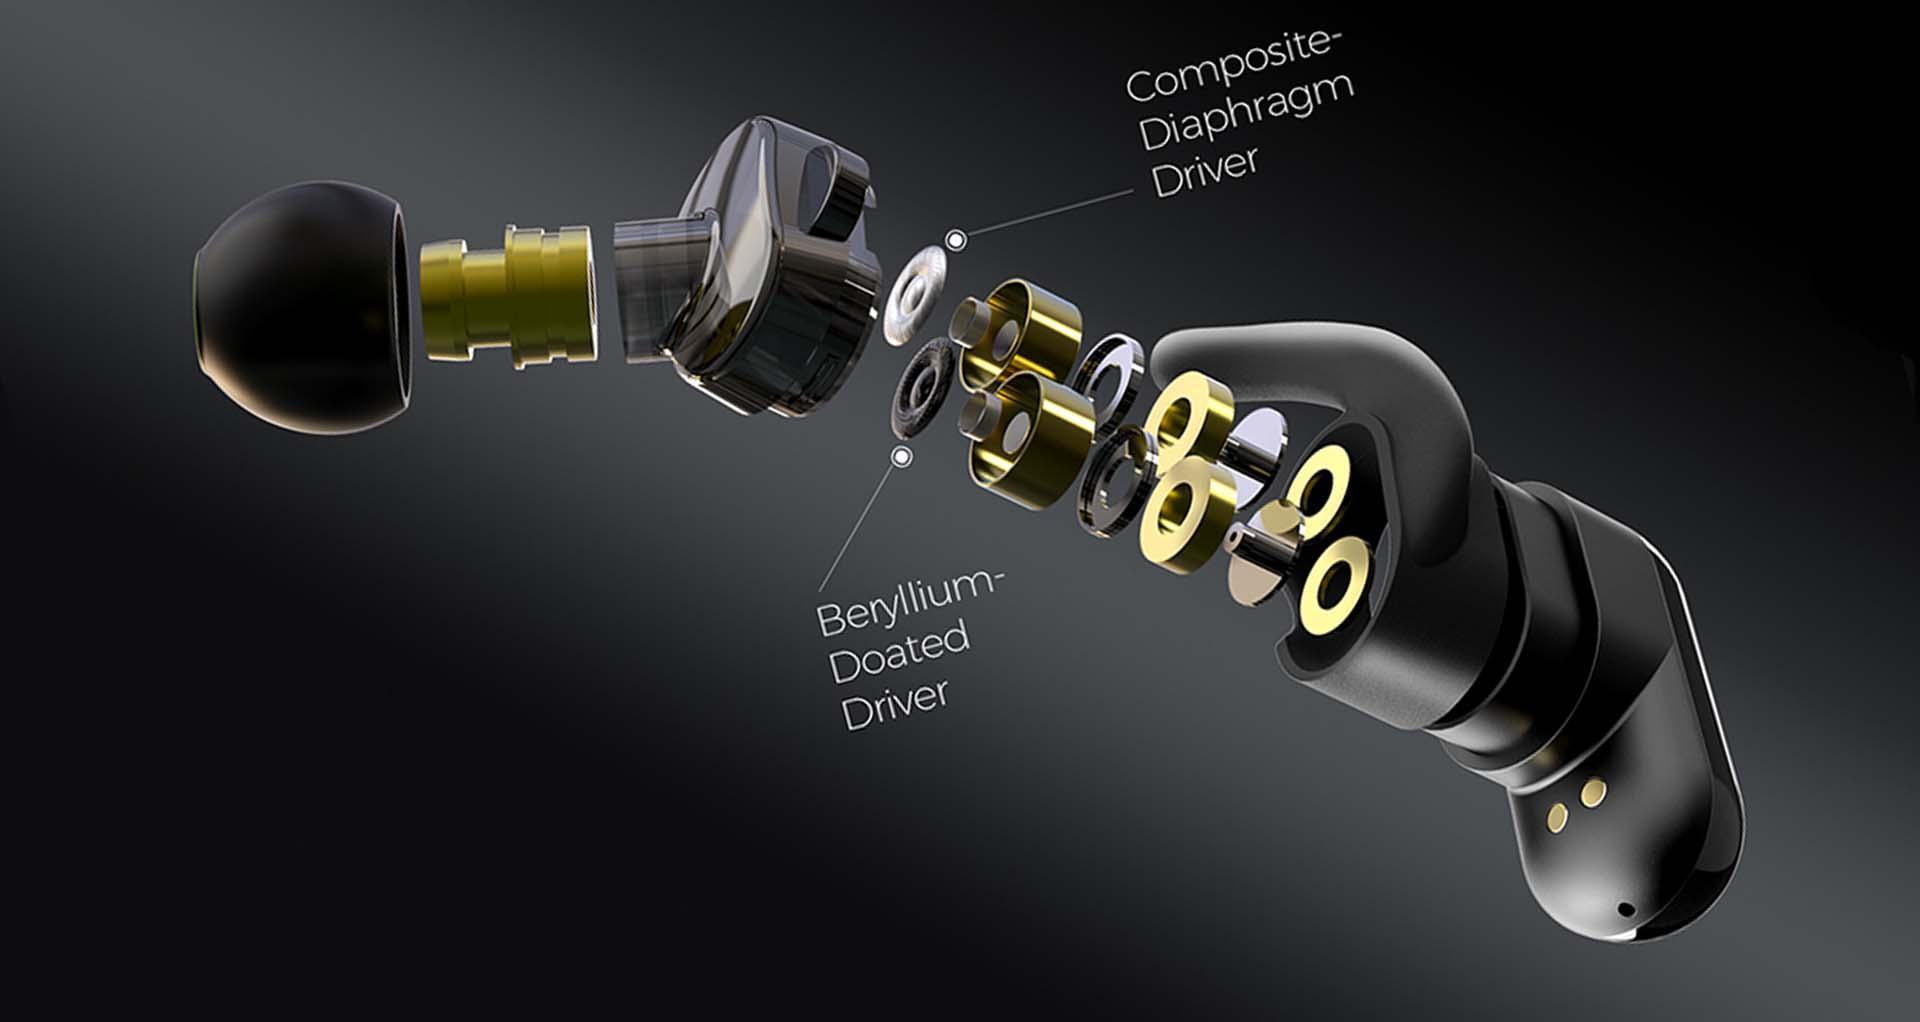 Trang bị chipset Qualcomm QCC3020 hiệu suất mạnh mẽ